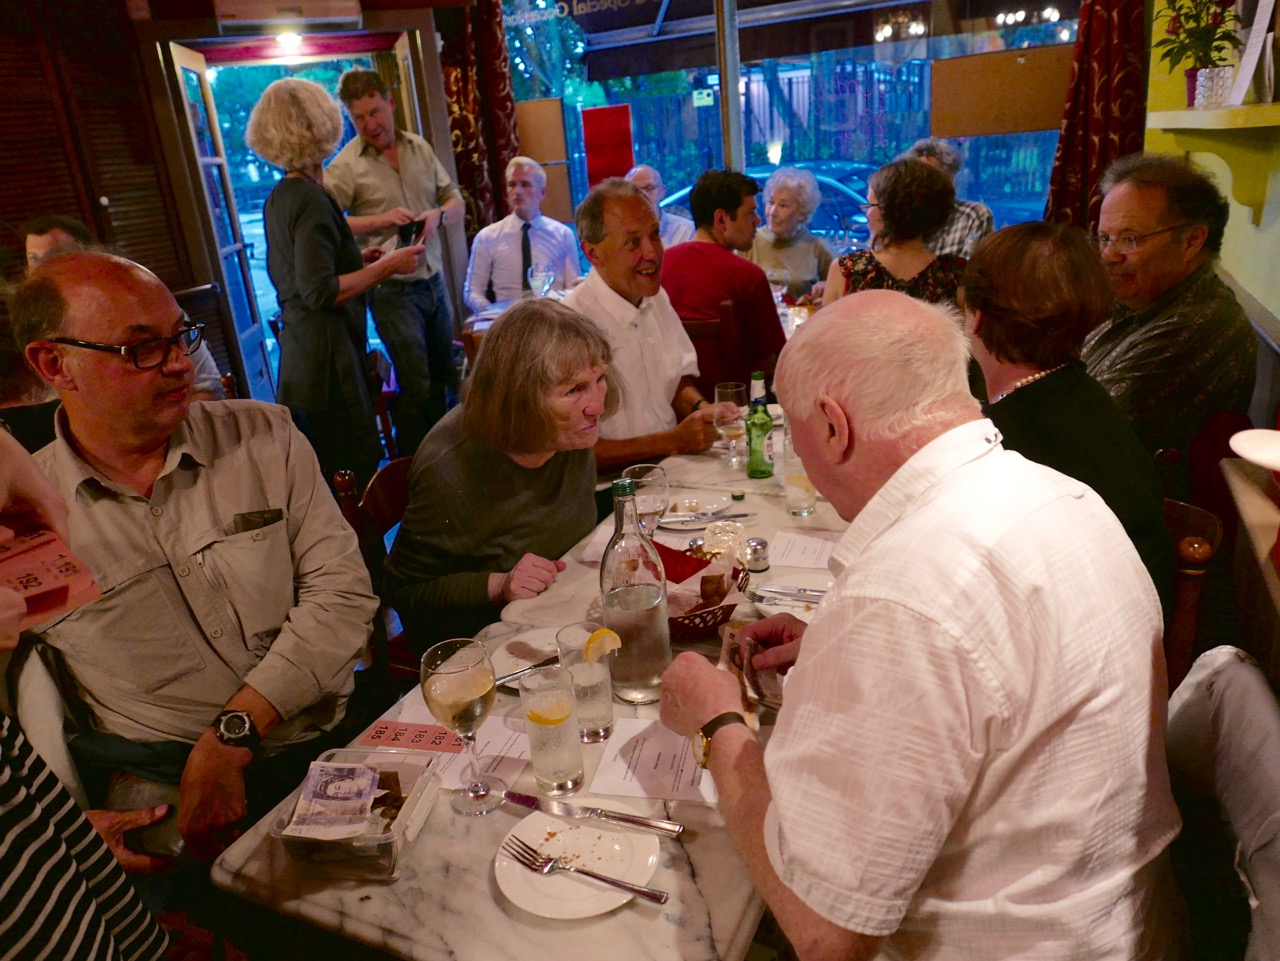 Gospel_Oak_Labour_Party_fundraising_dinner_at_Ravels_(2).jpg